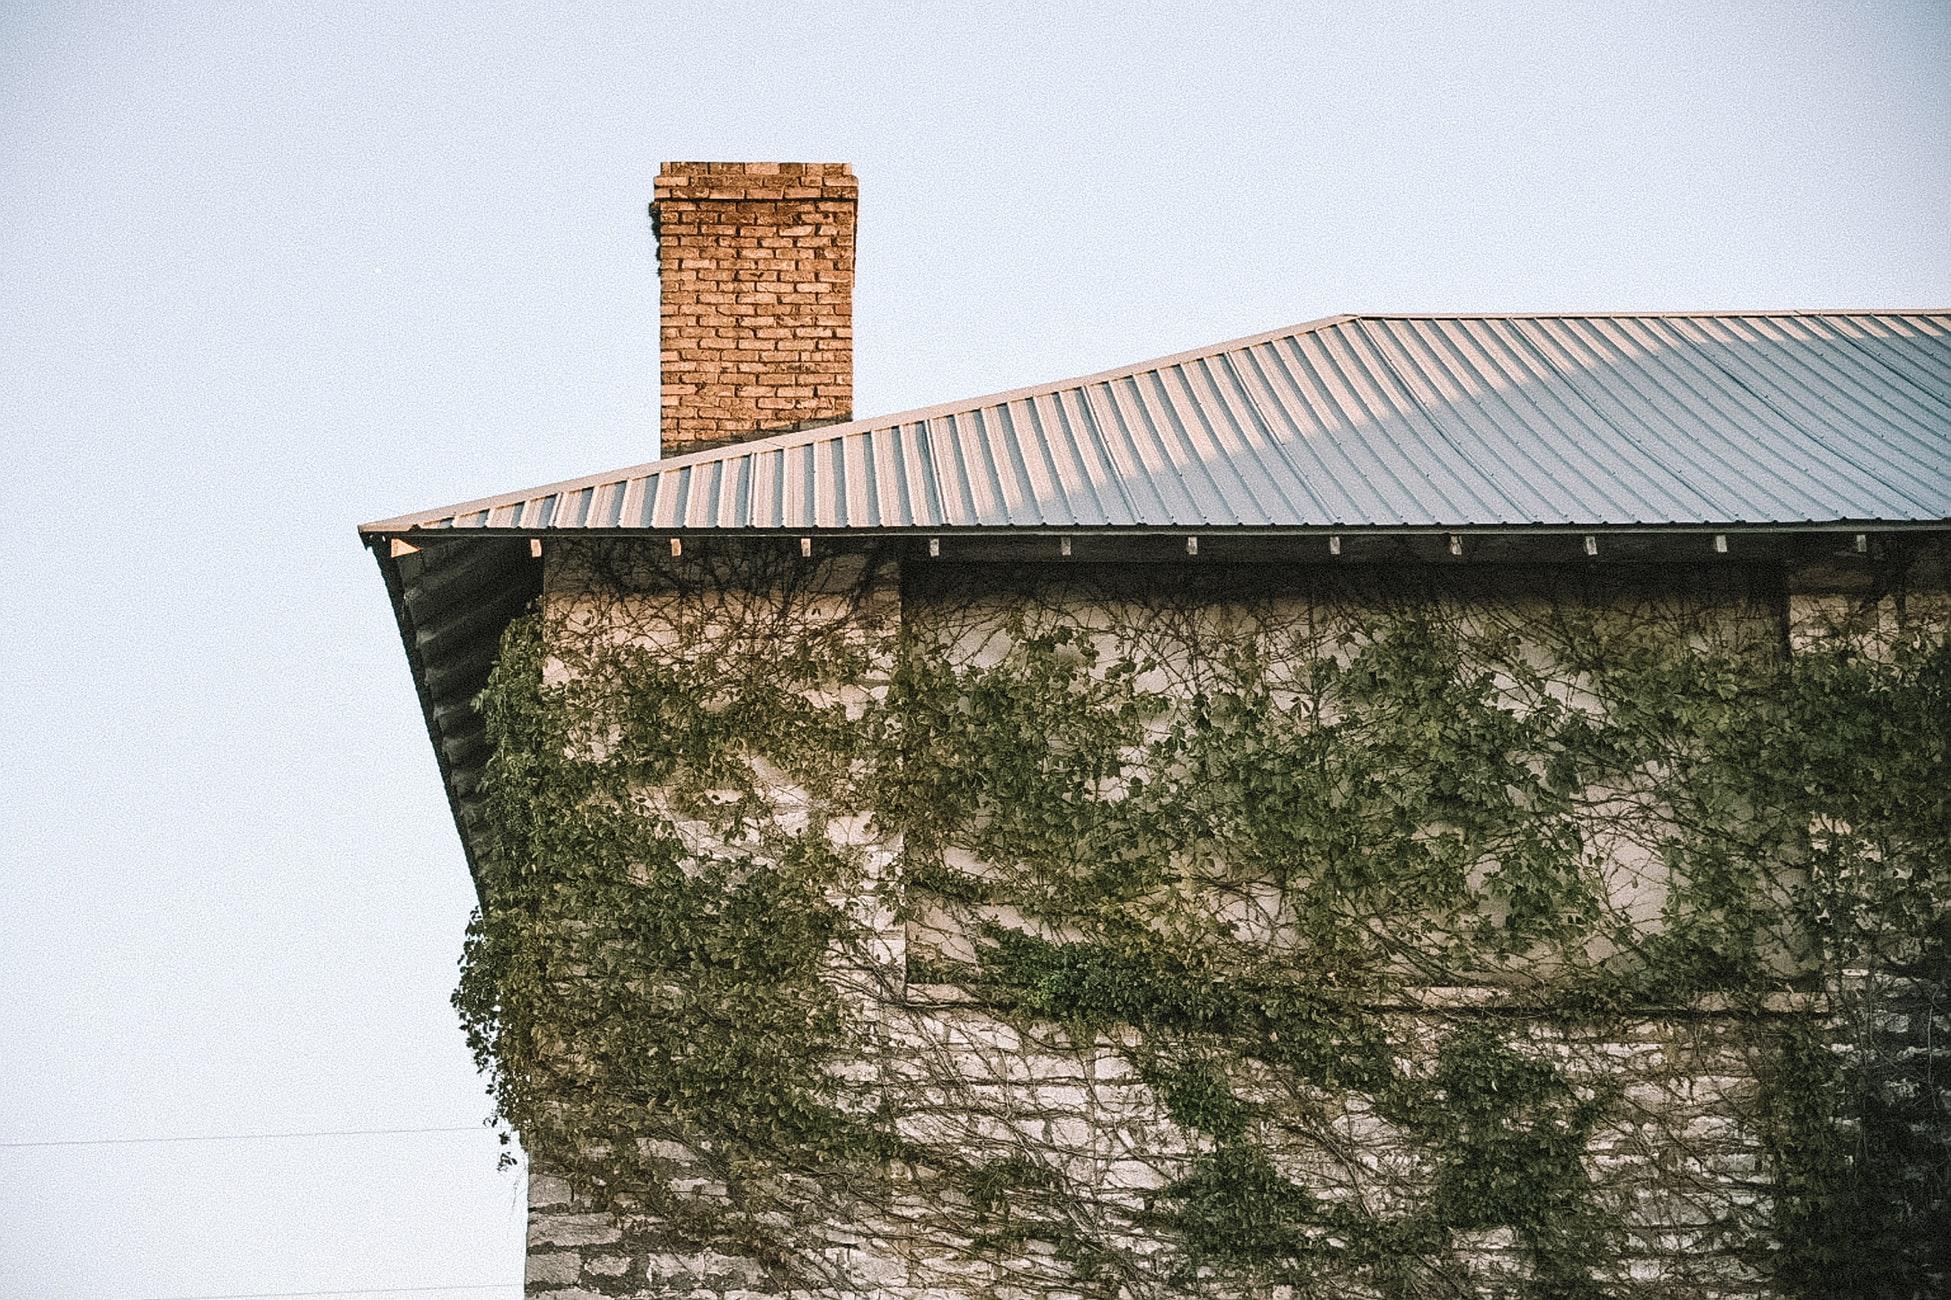 Prečo je dôležitý tesniaci pás okolo komína a akým spôsobom sa dá ešte použiť?